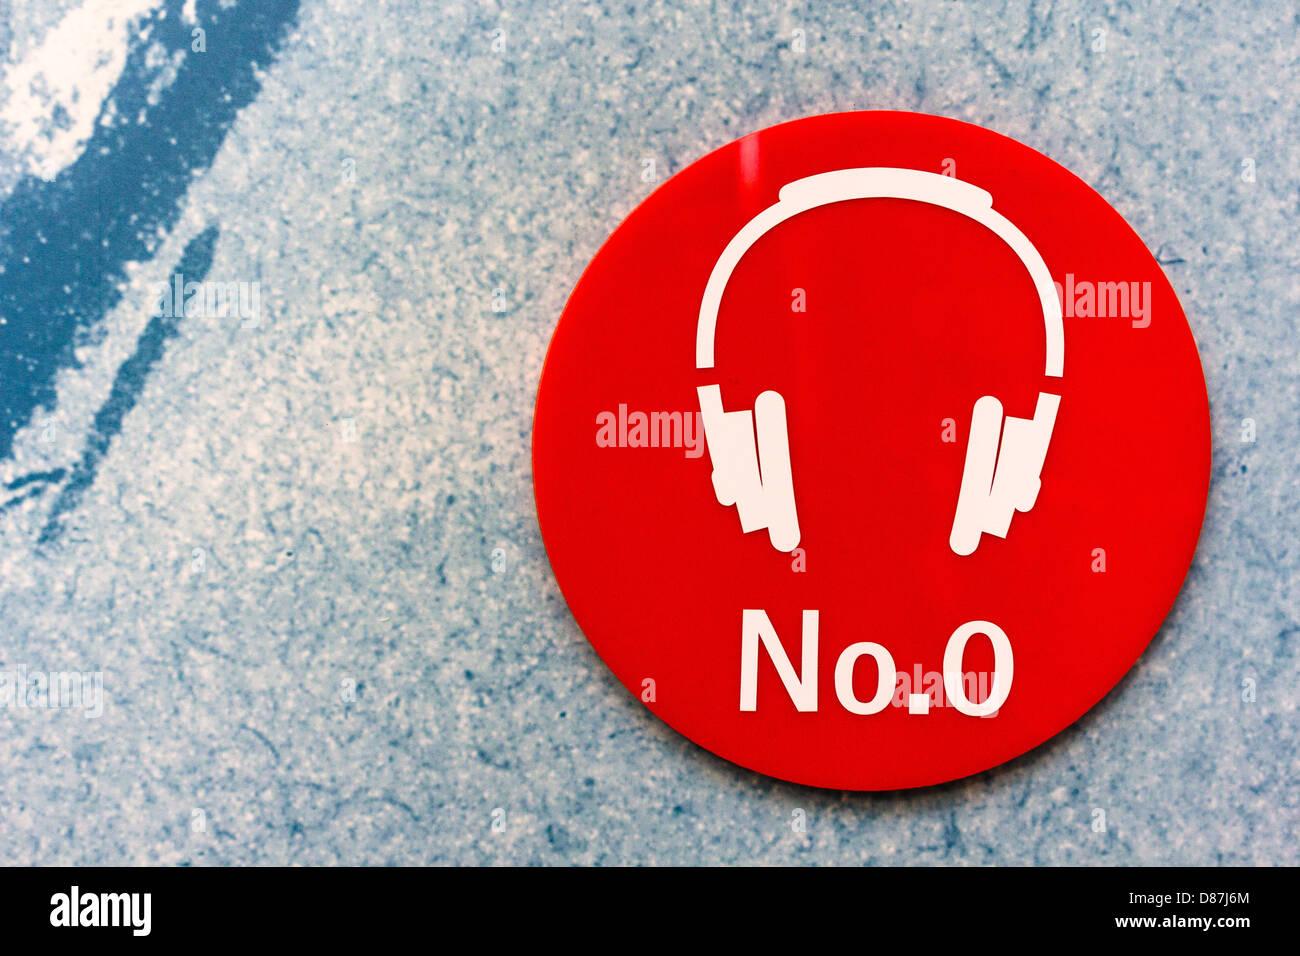 Auricular de punto de referencia para la grabación en el centro de visitantes de turismo Dundee. Imagen De Stock